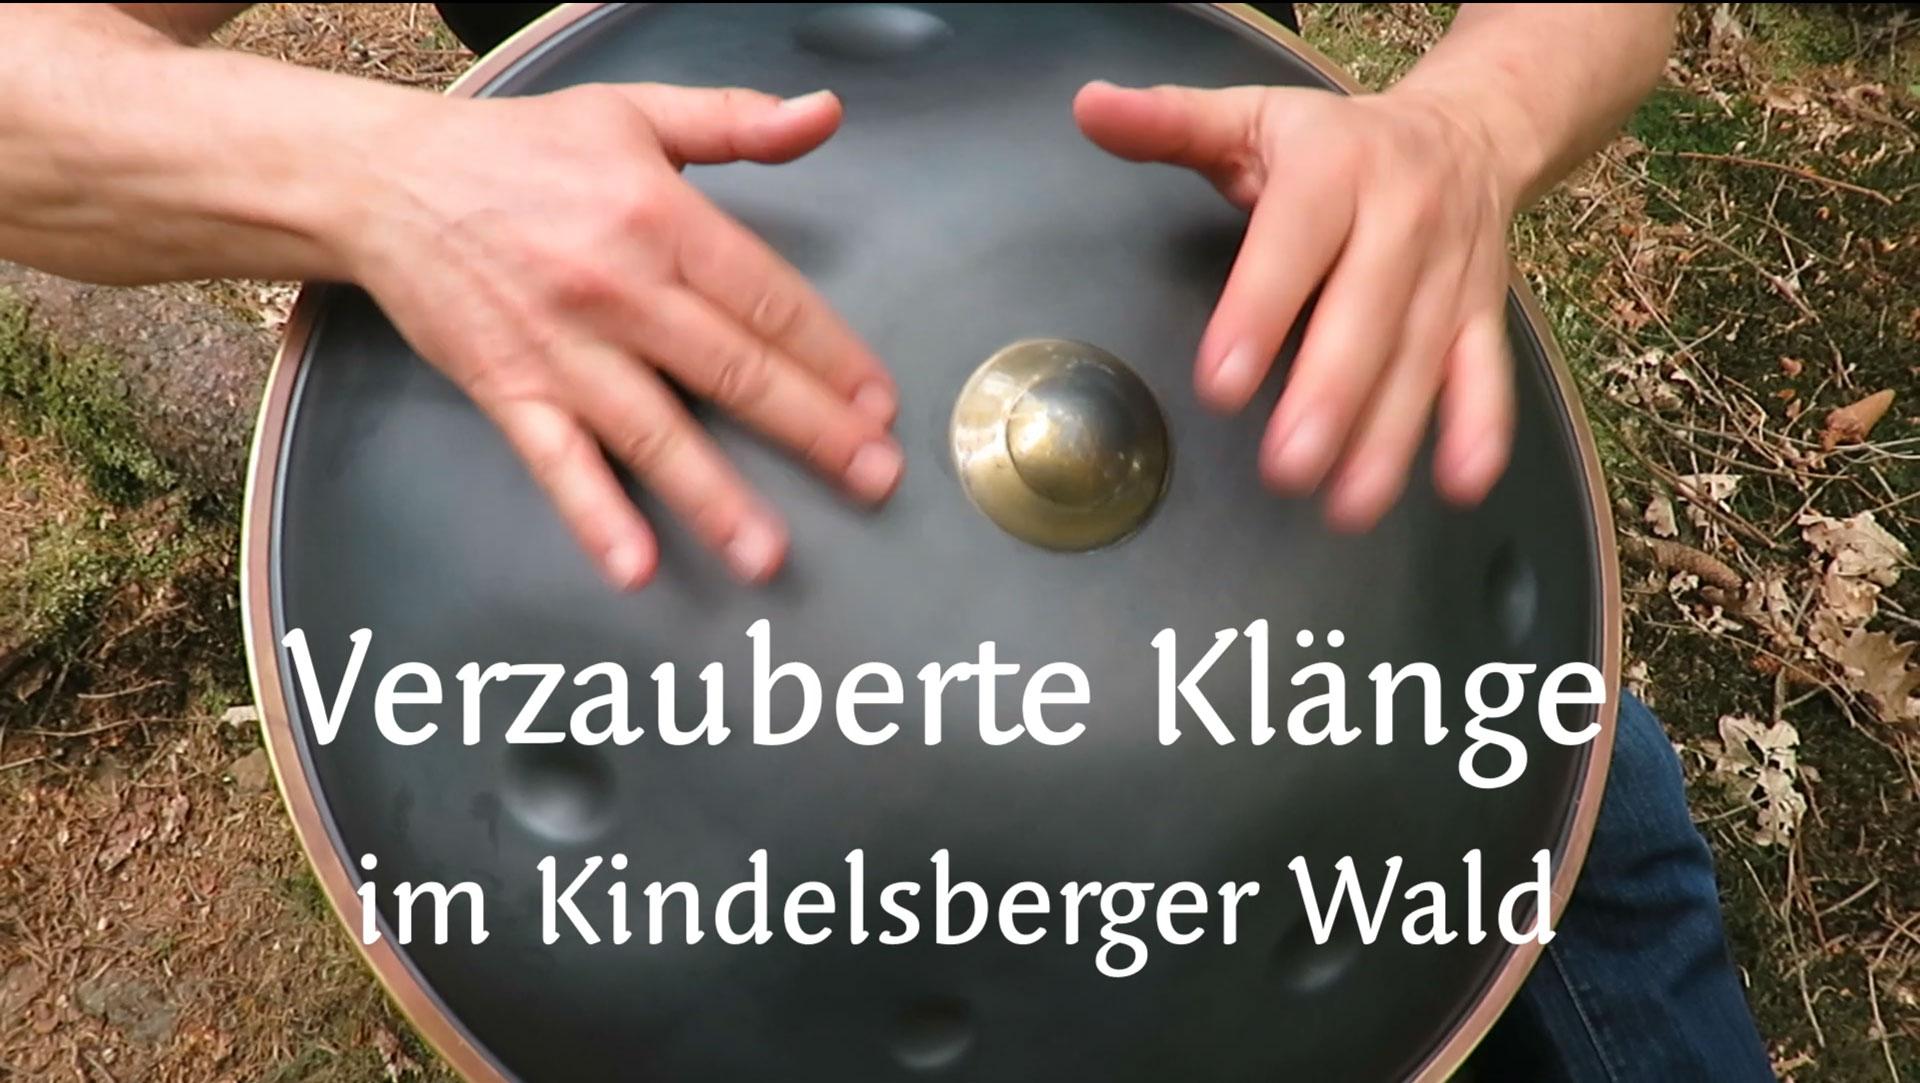 Titelbild Video. Zwei Hände auf einem Musikinstrument aus Metall